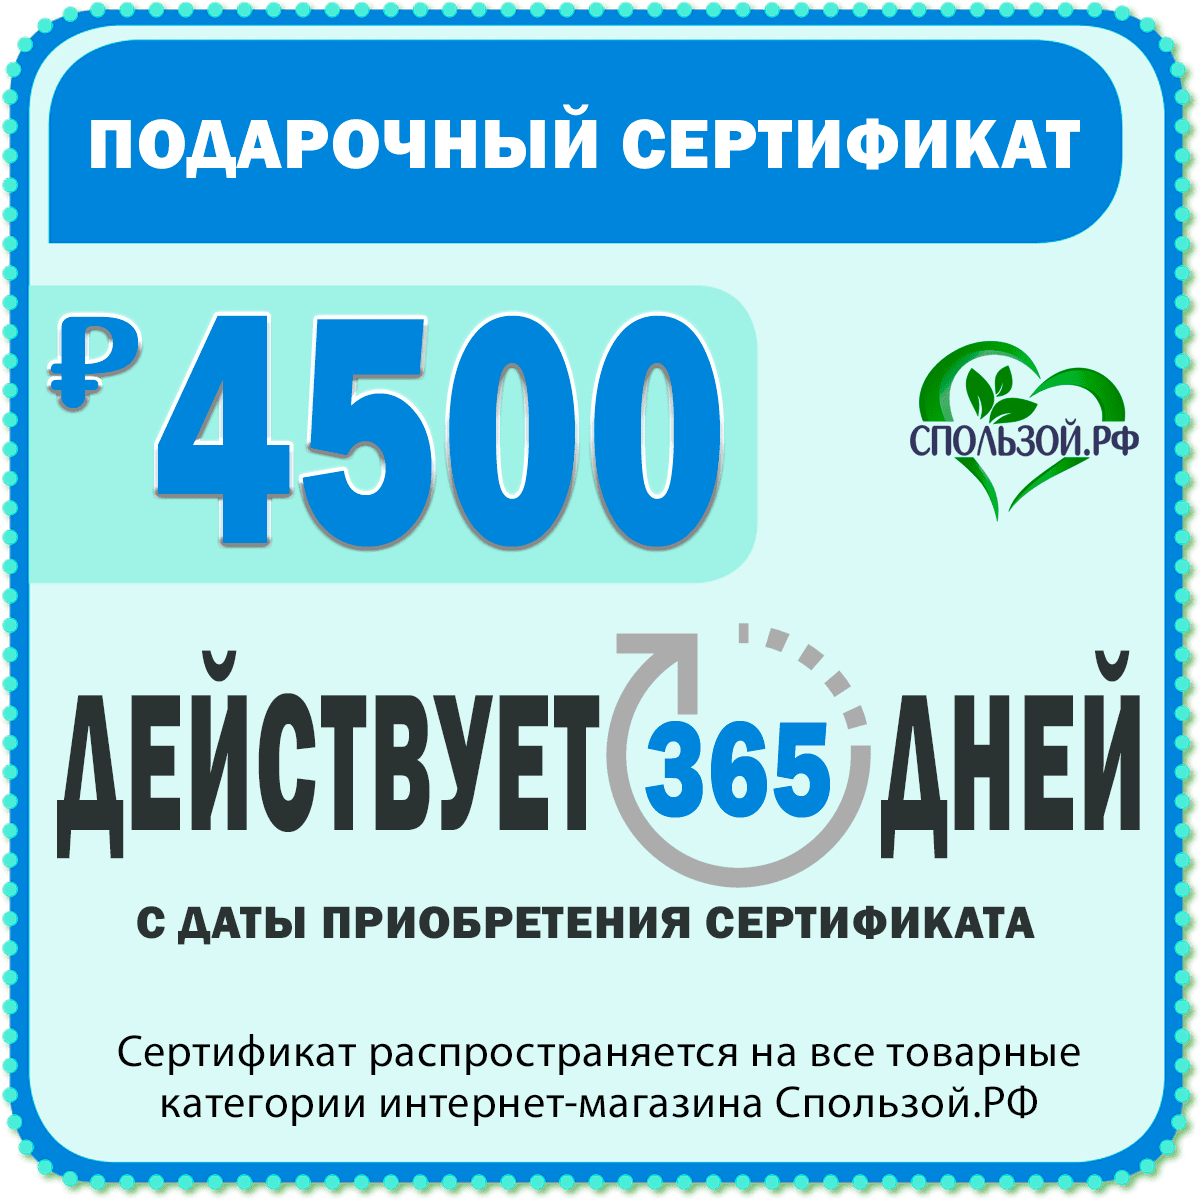 discount certificate 4500 rubles